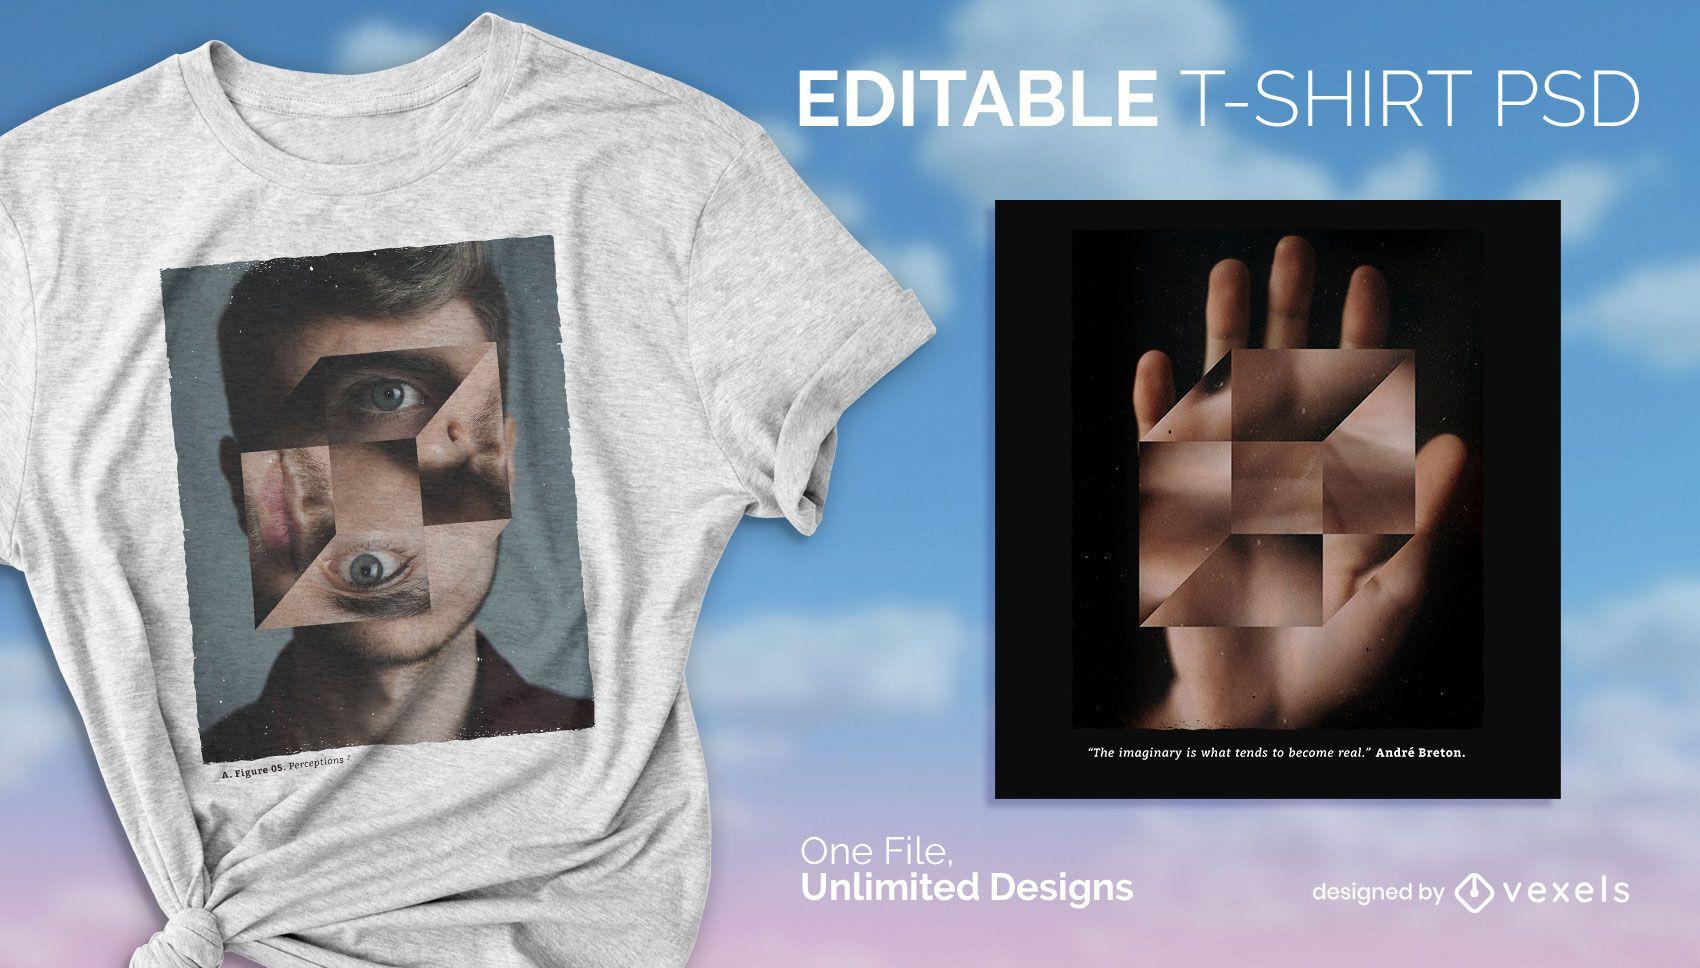 Cube t-shirt design psd